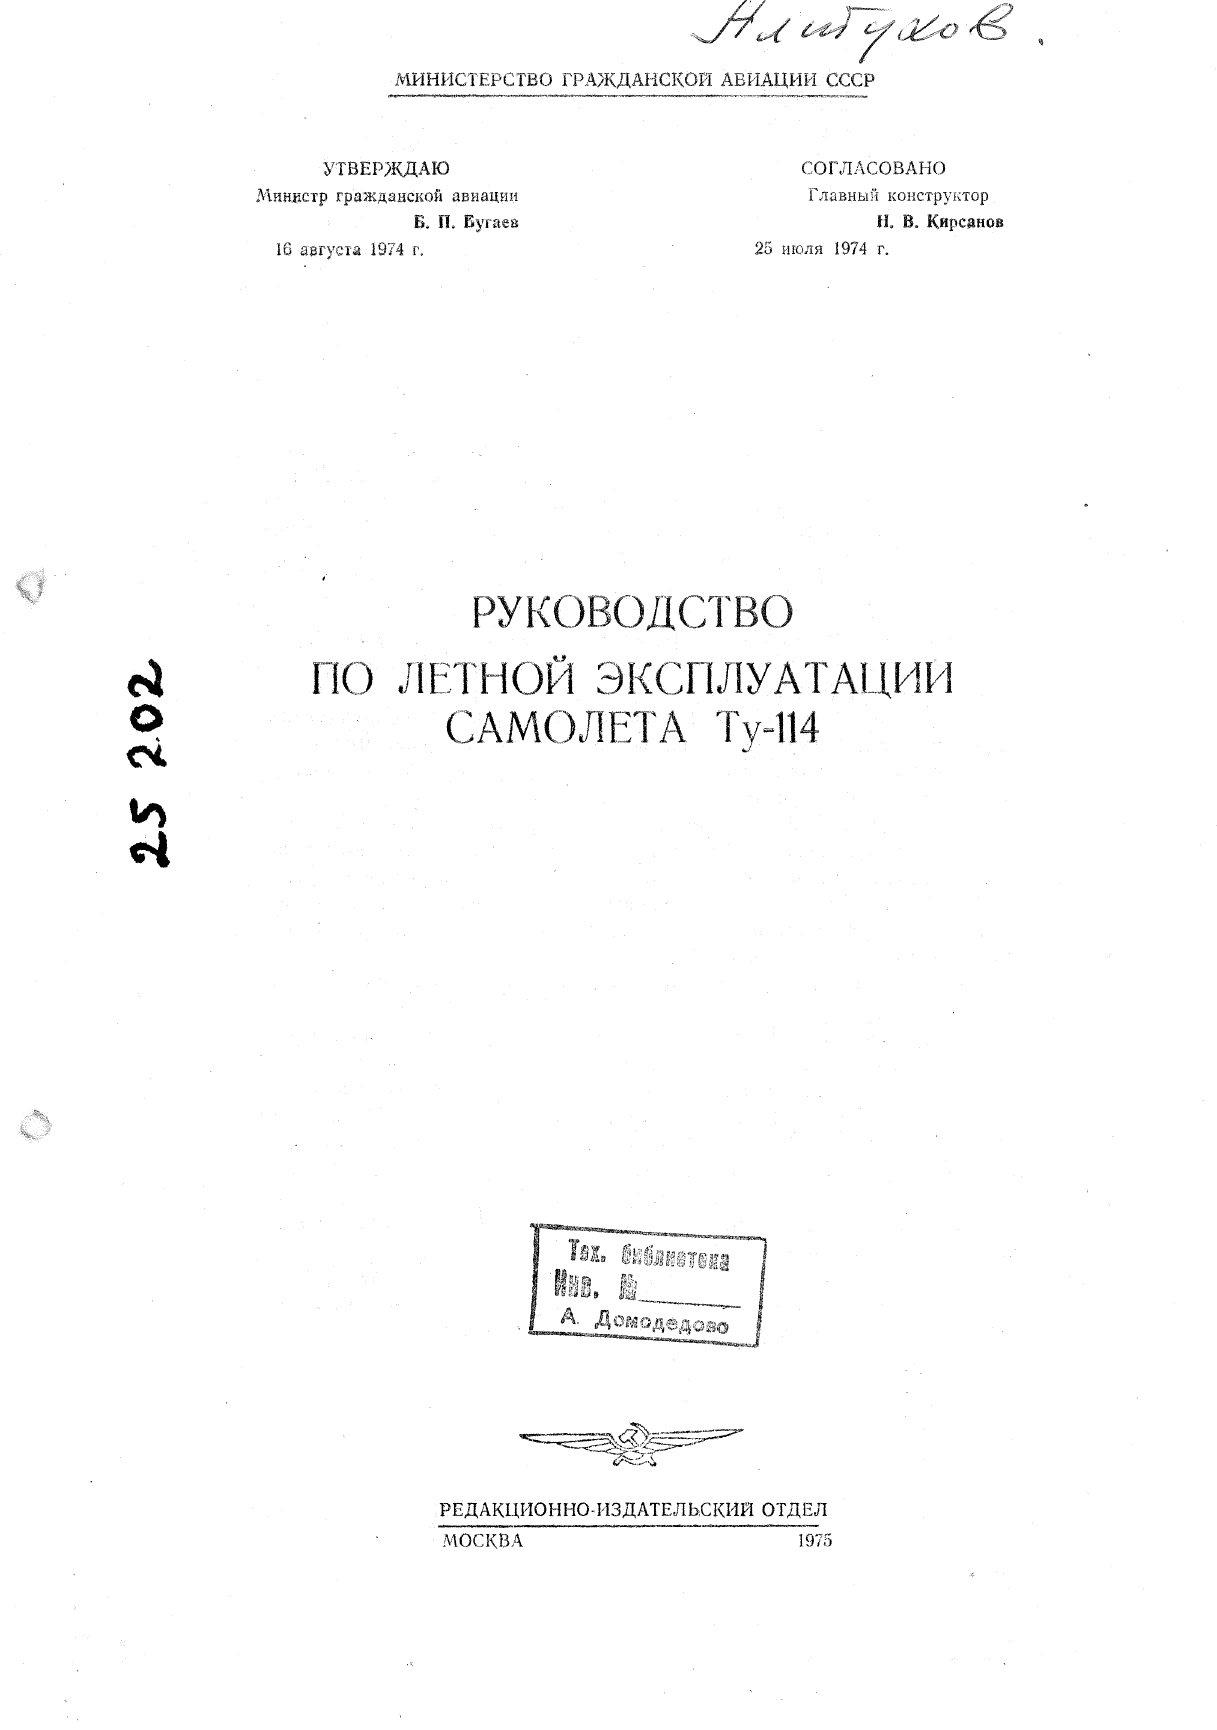 Руководство по летной эксплуатации самолета Ту-114